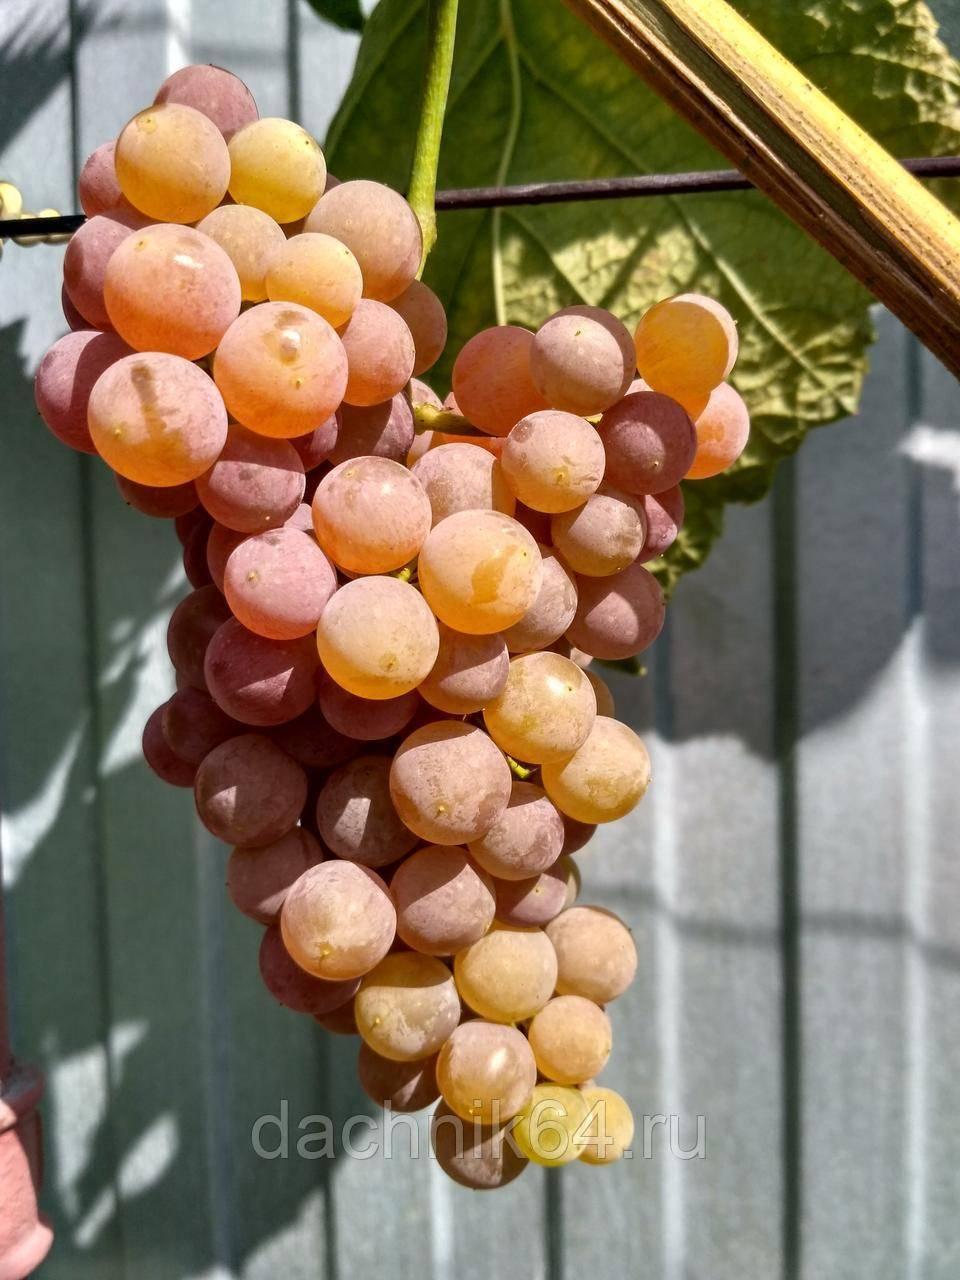 Виноград «рилайнс пинк сидлис»: описание сорта и особенности ухода